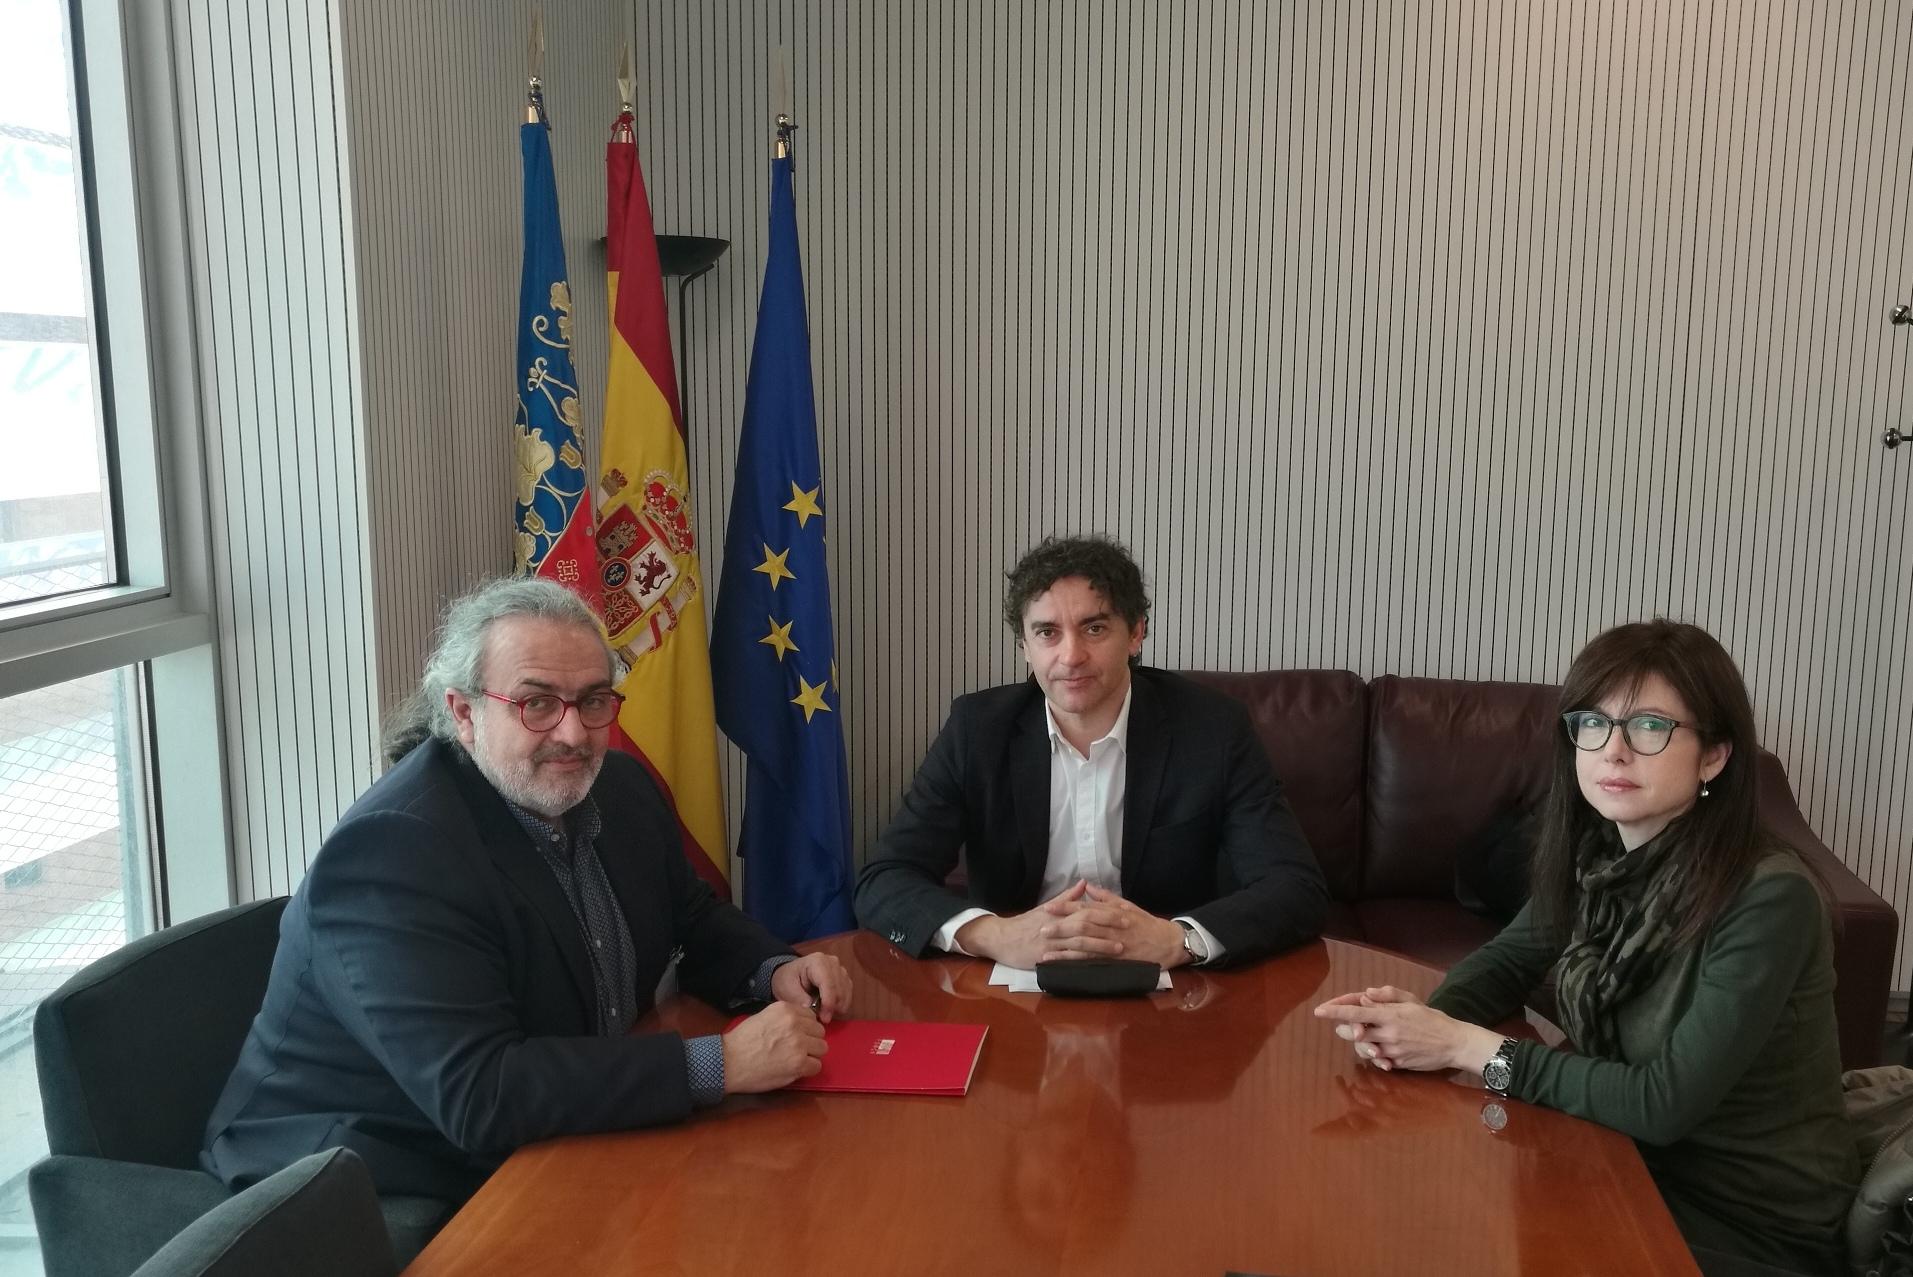 La FSMCV y la Agencia Valenciana de Turismo han acordado la creación de una comisión específica para potenciar las Sociedades Musicales (SSMM) como oferta turística de la Comunitat.